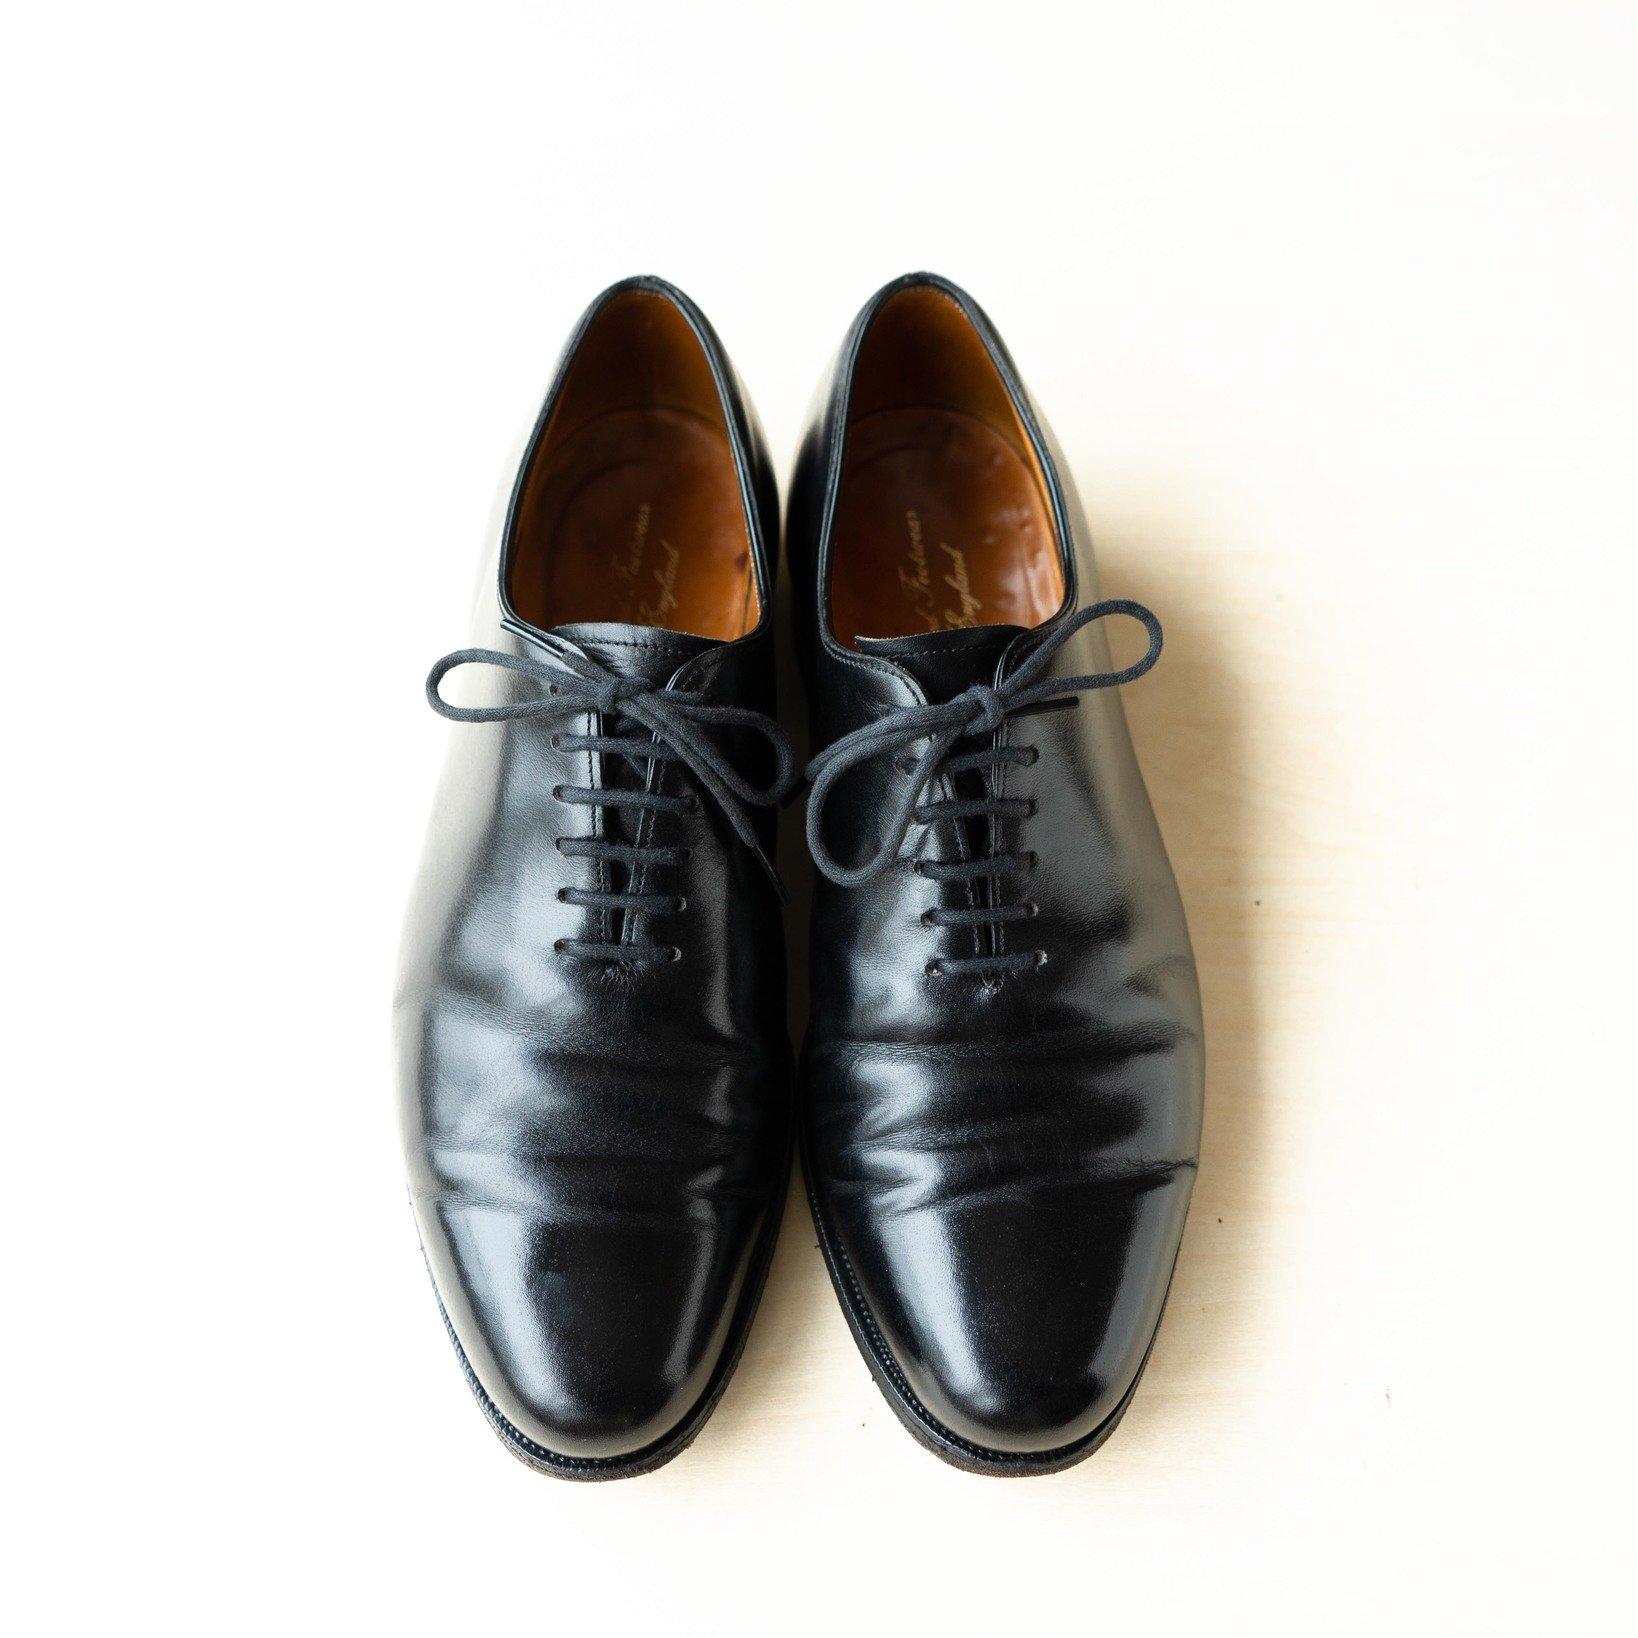 ブランド名:LLOYD FOOTWEAR スタイル:ホールカットプレーントウ  ペットネーム:NEWBURY